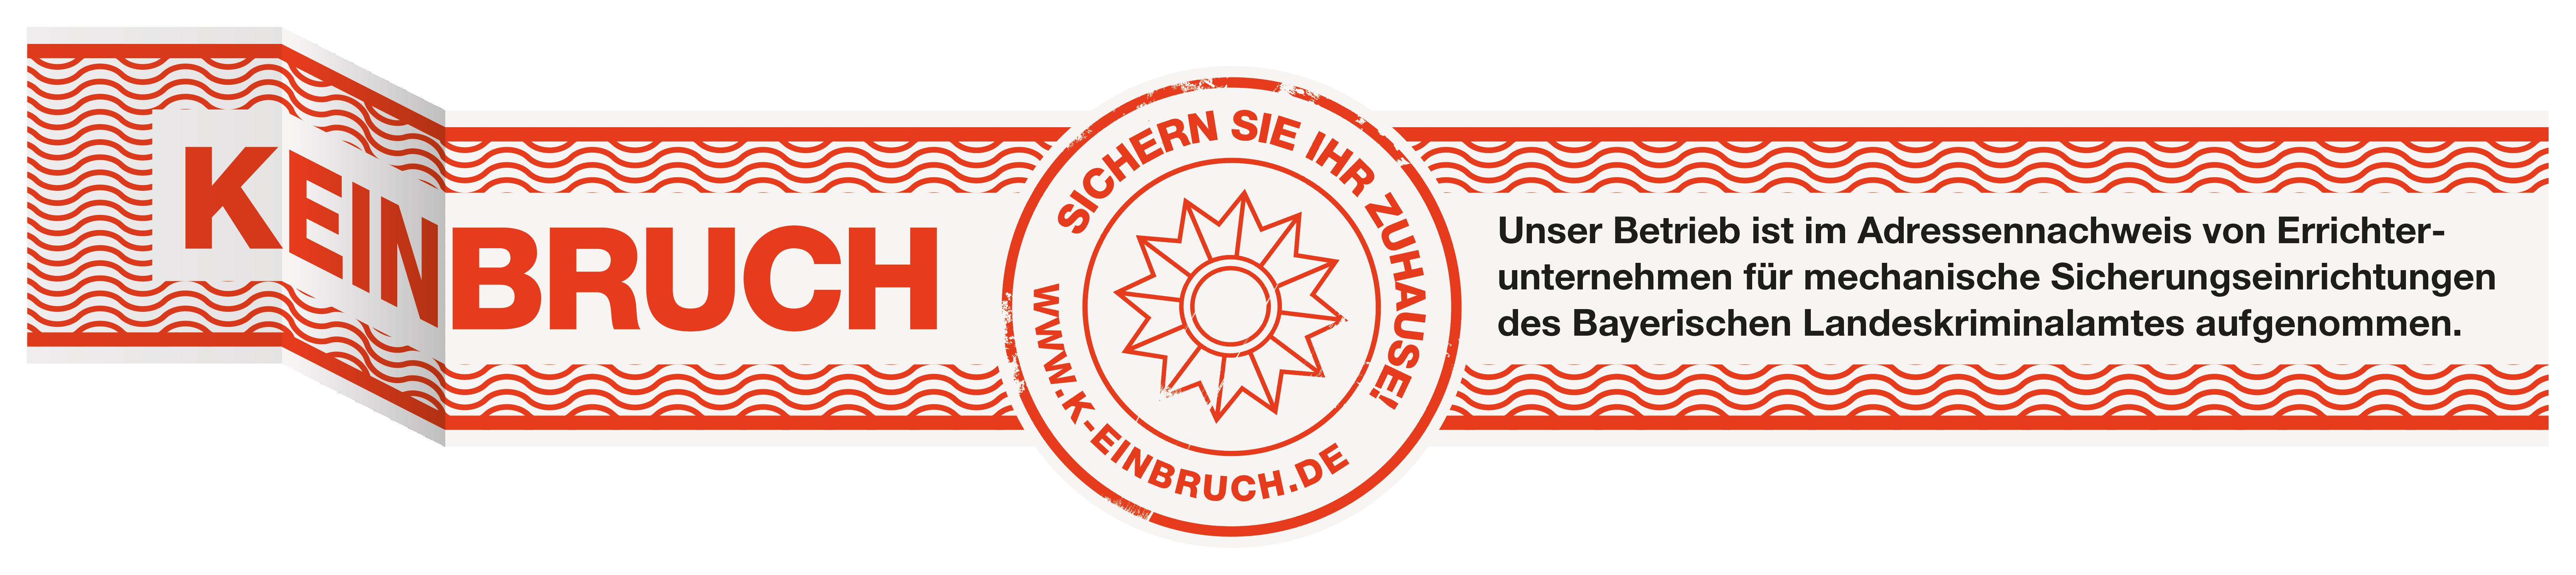 Einbruchschutz Möbelwerkstätte Bayer